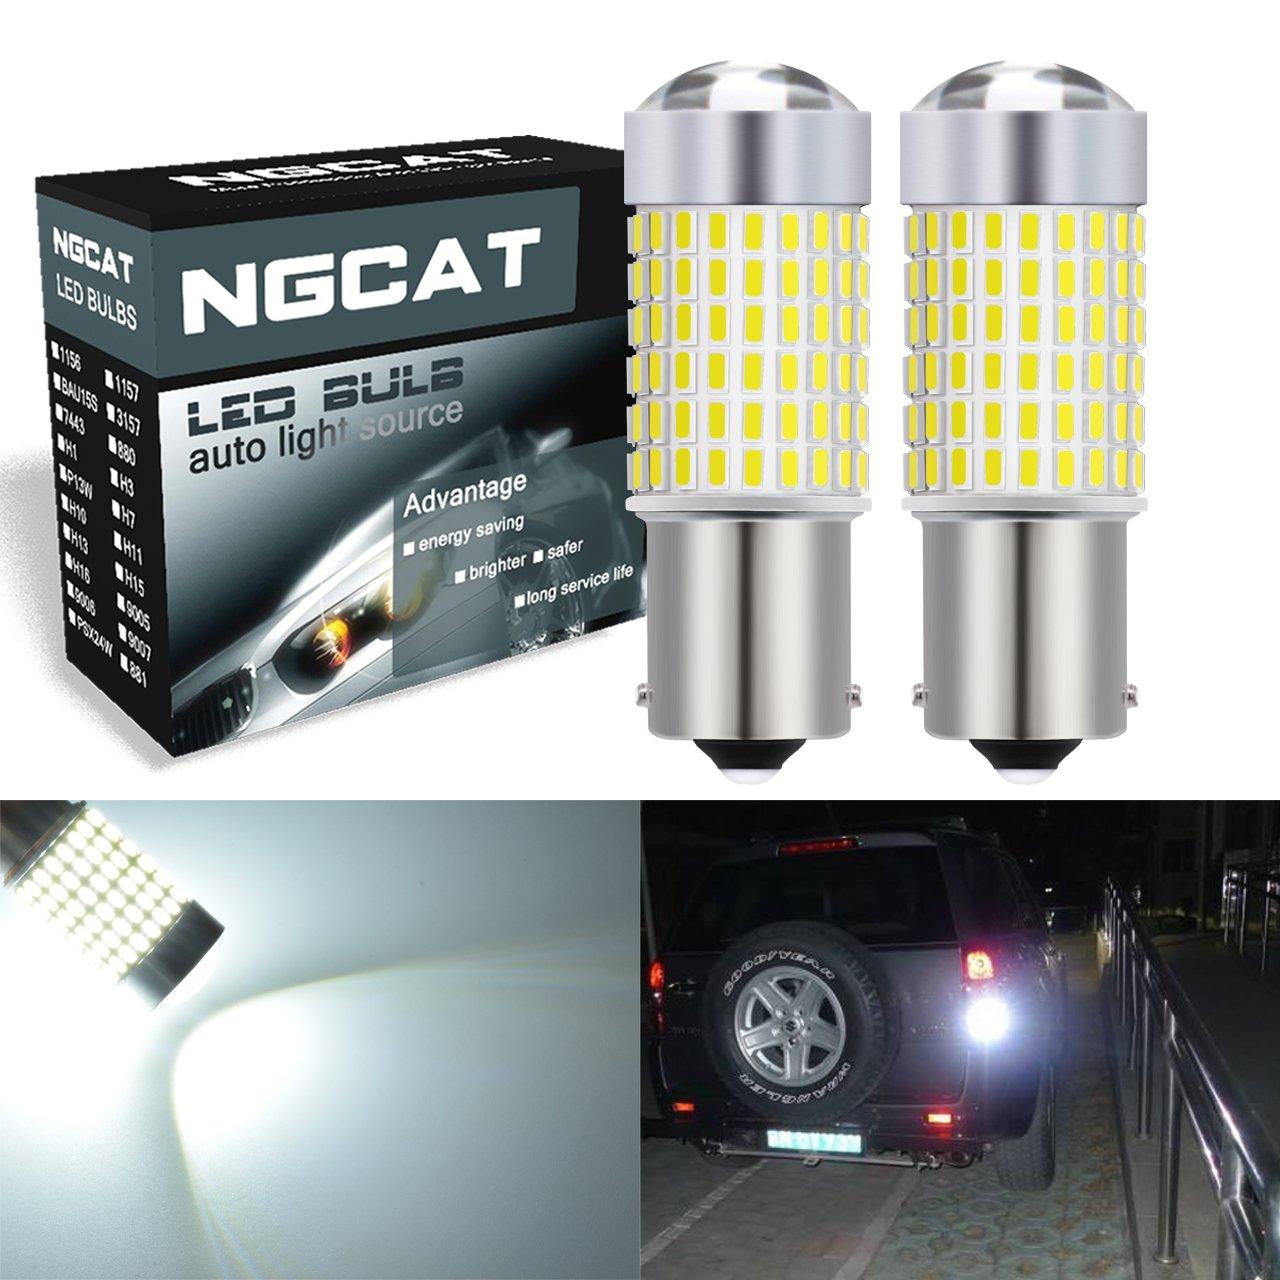 NGCAT Lot de 2 ampoules 1500 lumens 3014SMD 144-ex Chipsets 1156 BA15S 1141 1095 1073 7506 LED super lumineuses Pour vidé oprojecteur, phares de voiture Xenon Blanc 12– 24 V